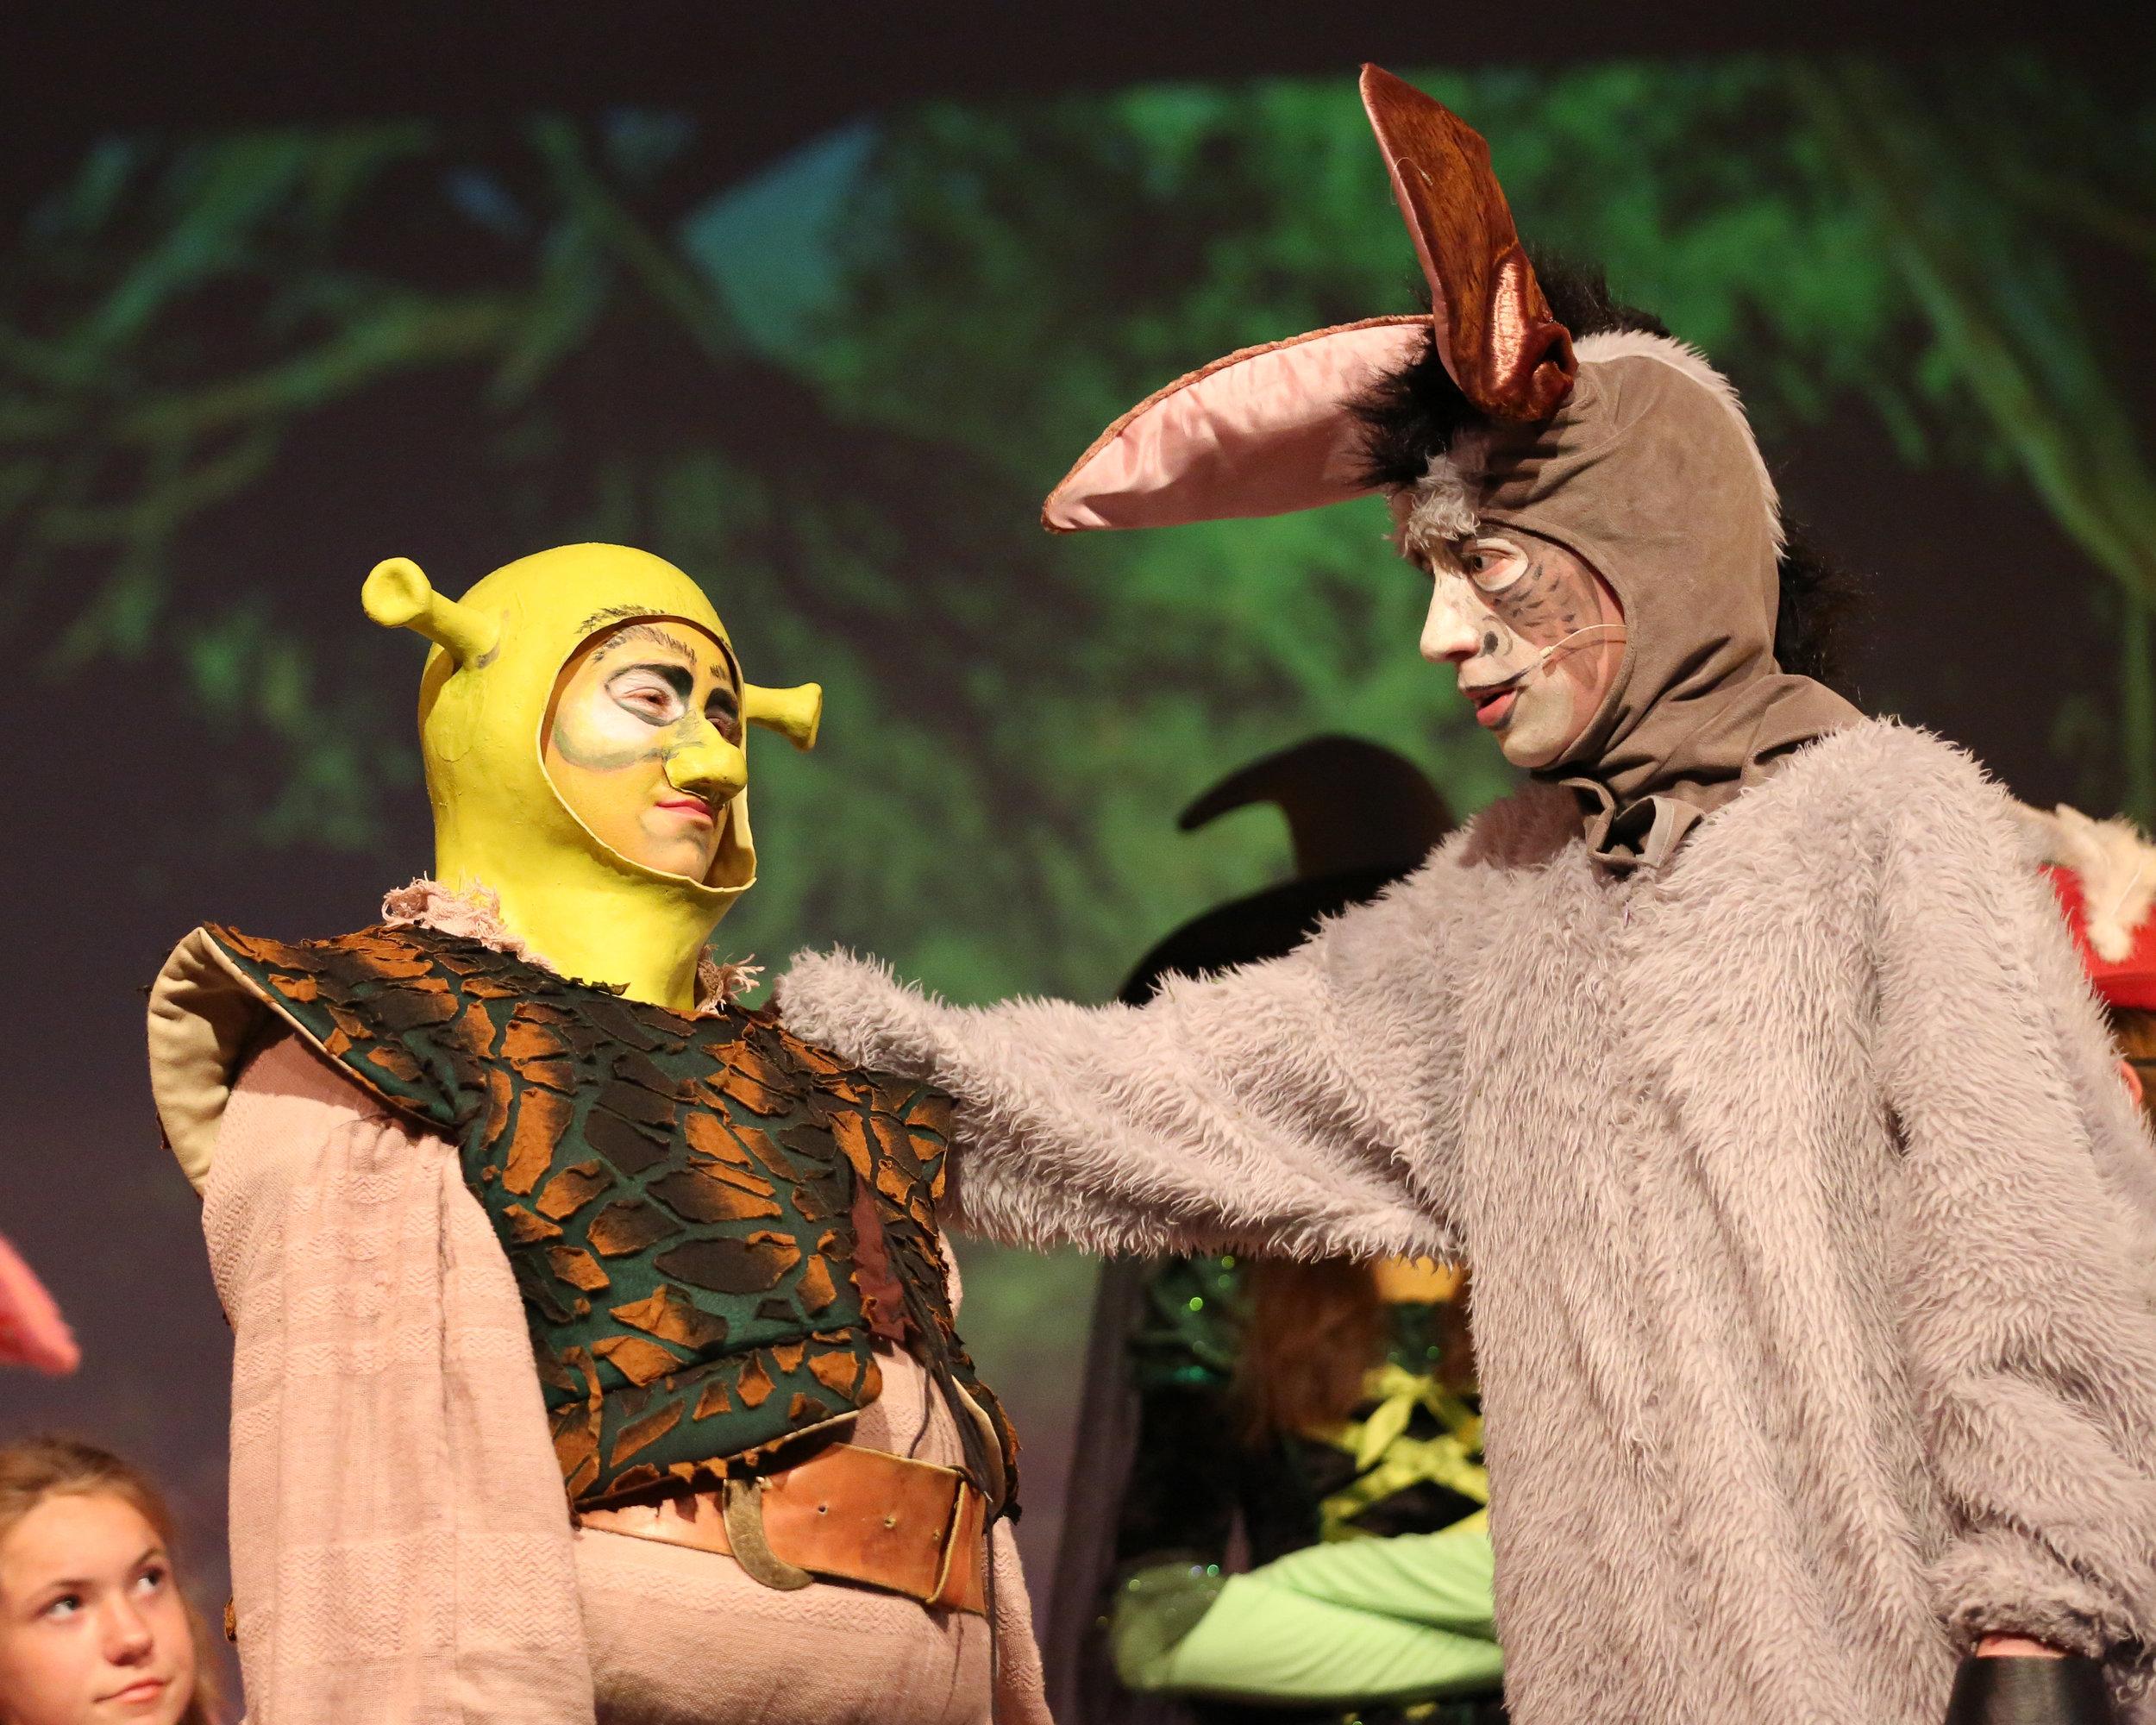 Shrek-248.jpg